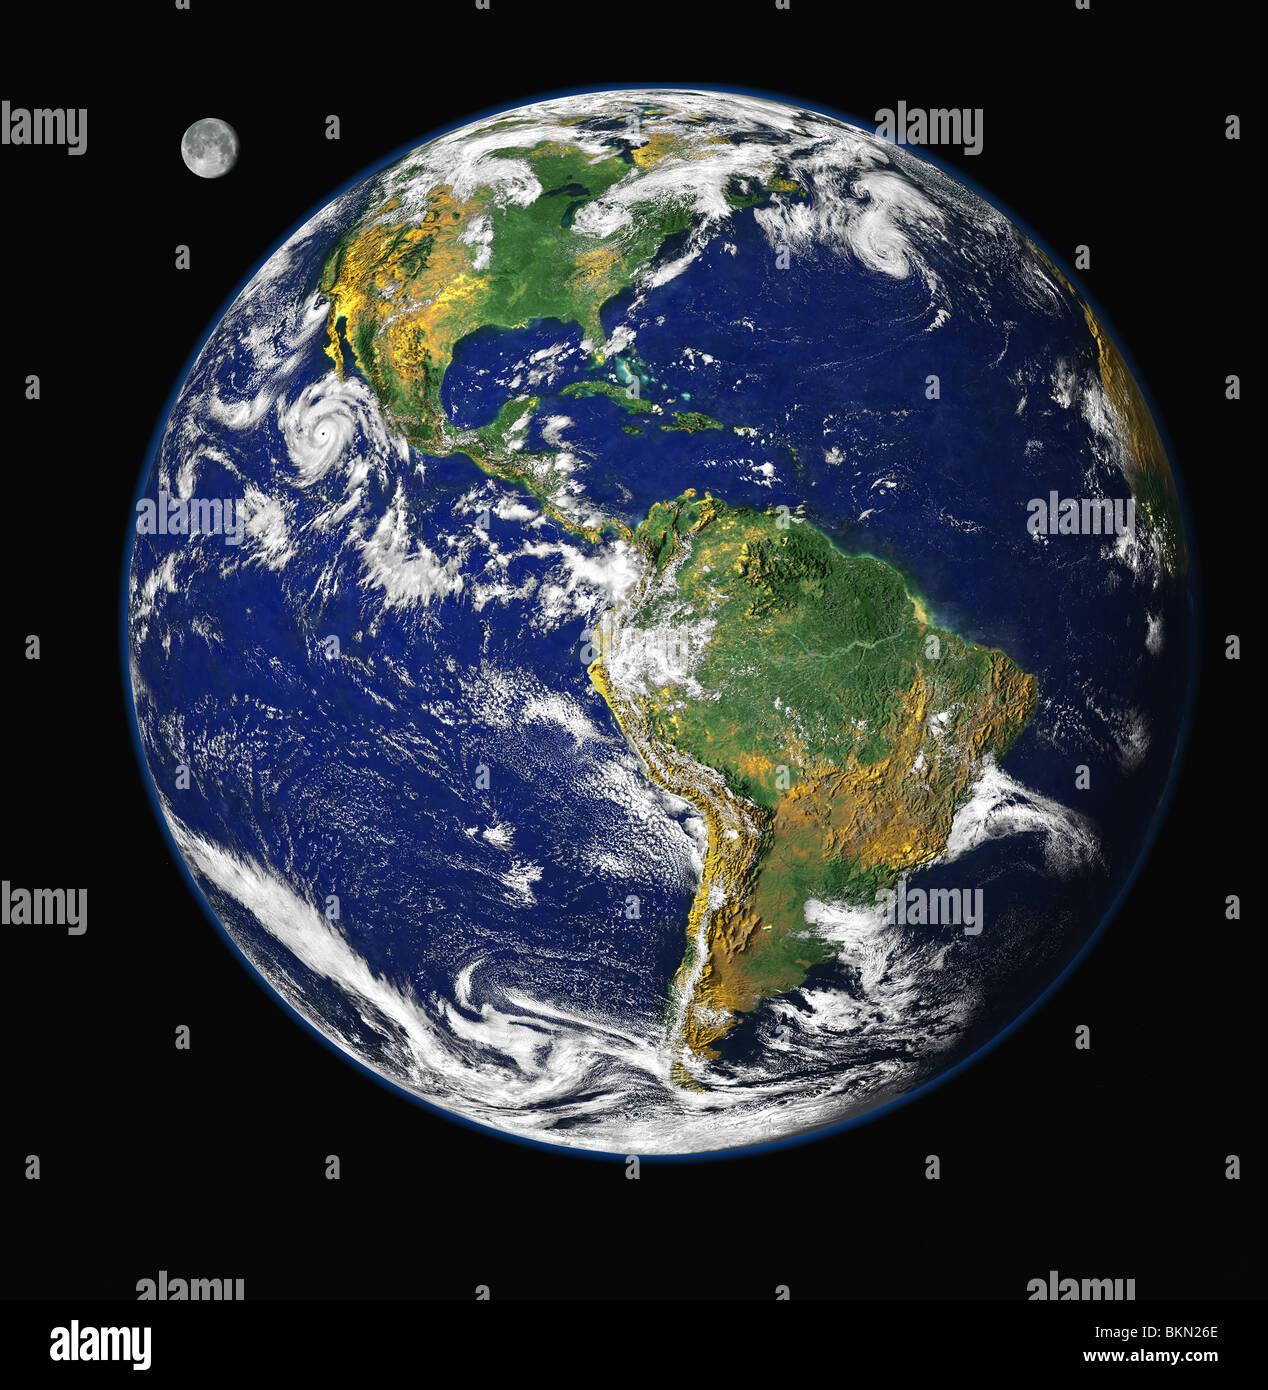 Terre et Lune vue de l'espace, avec l'Amérique du Nord & Amérique du Sud visible Banque D'Images